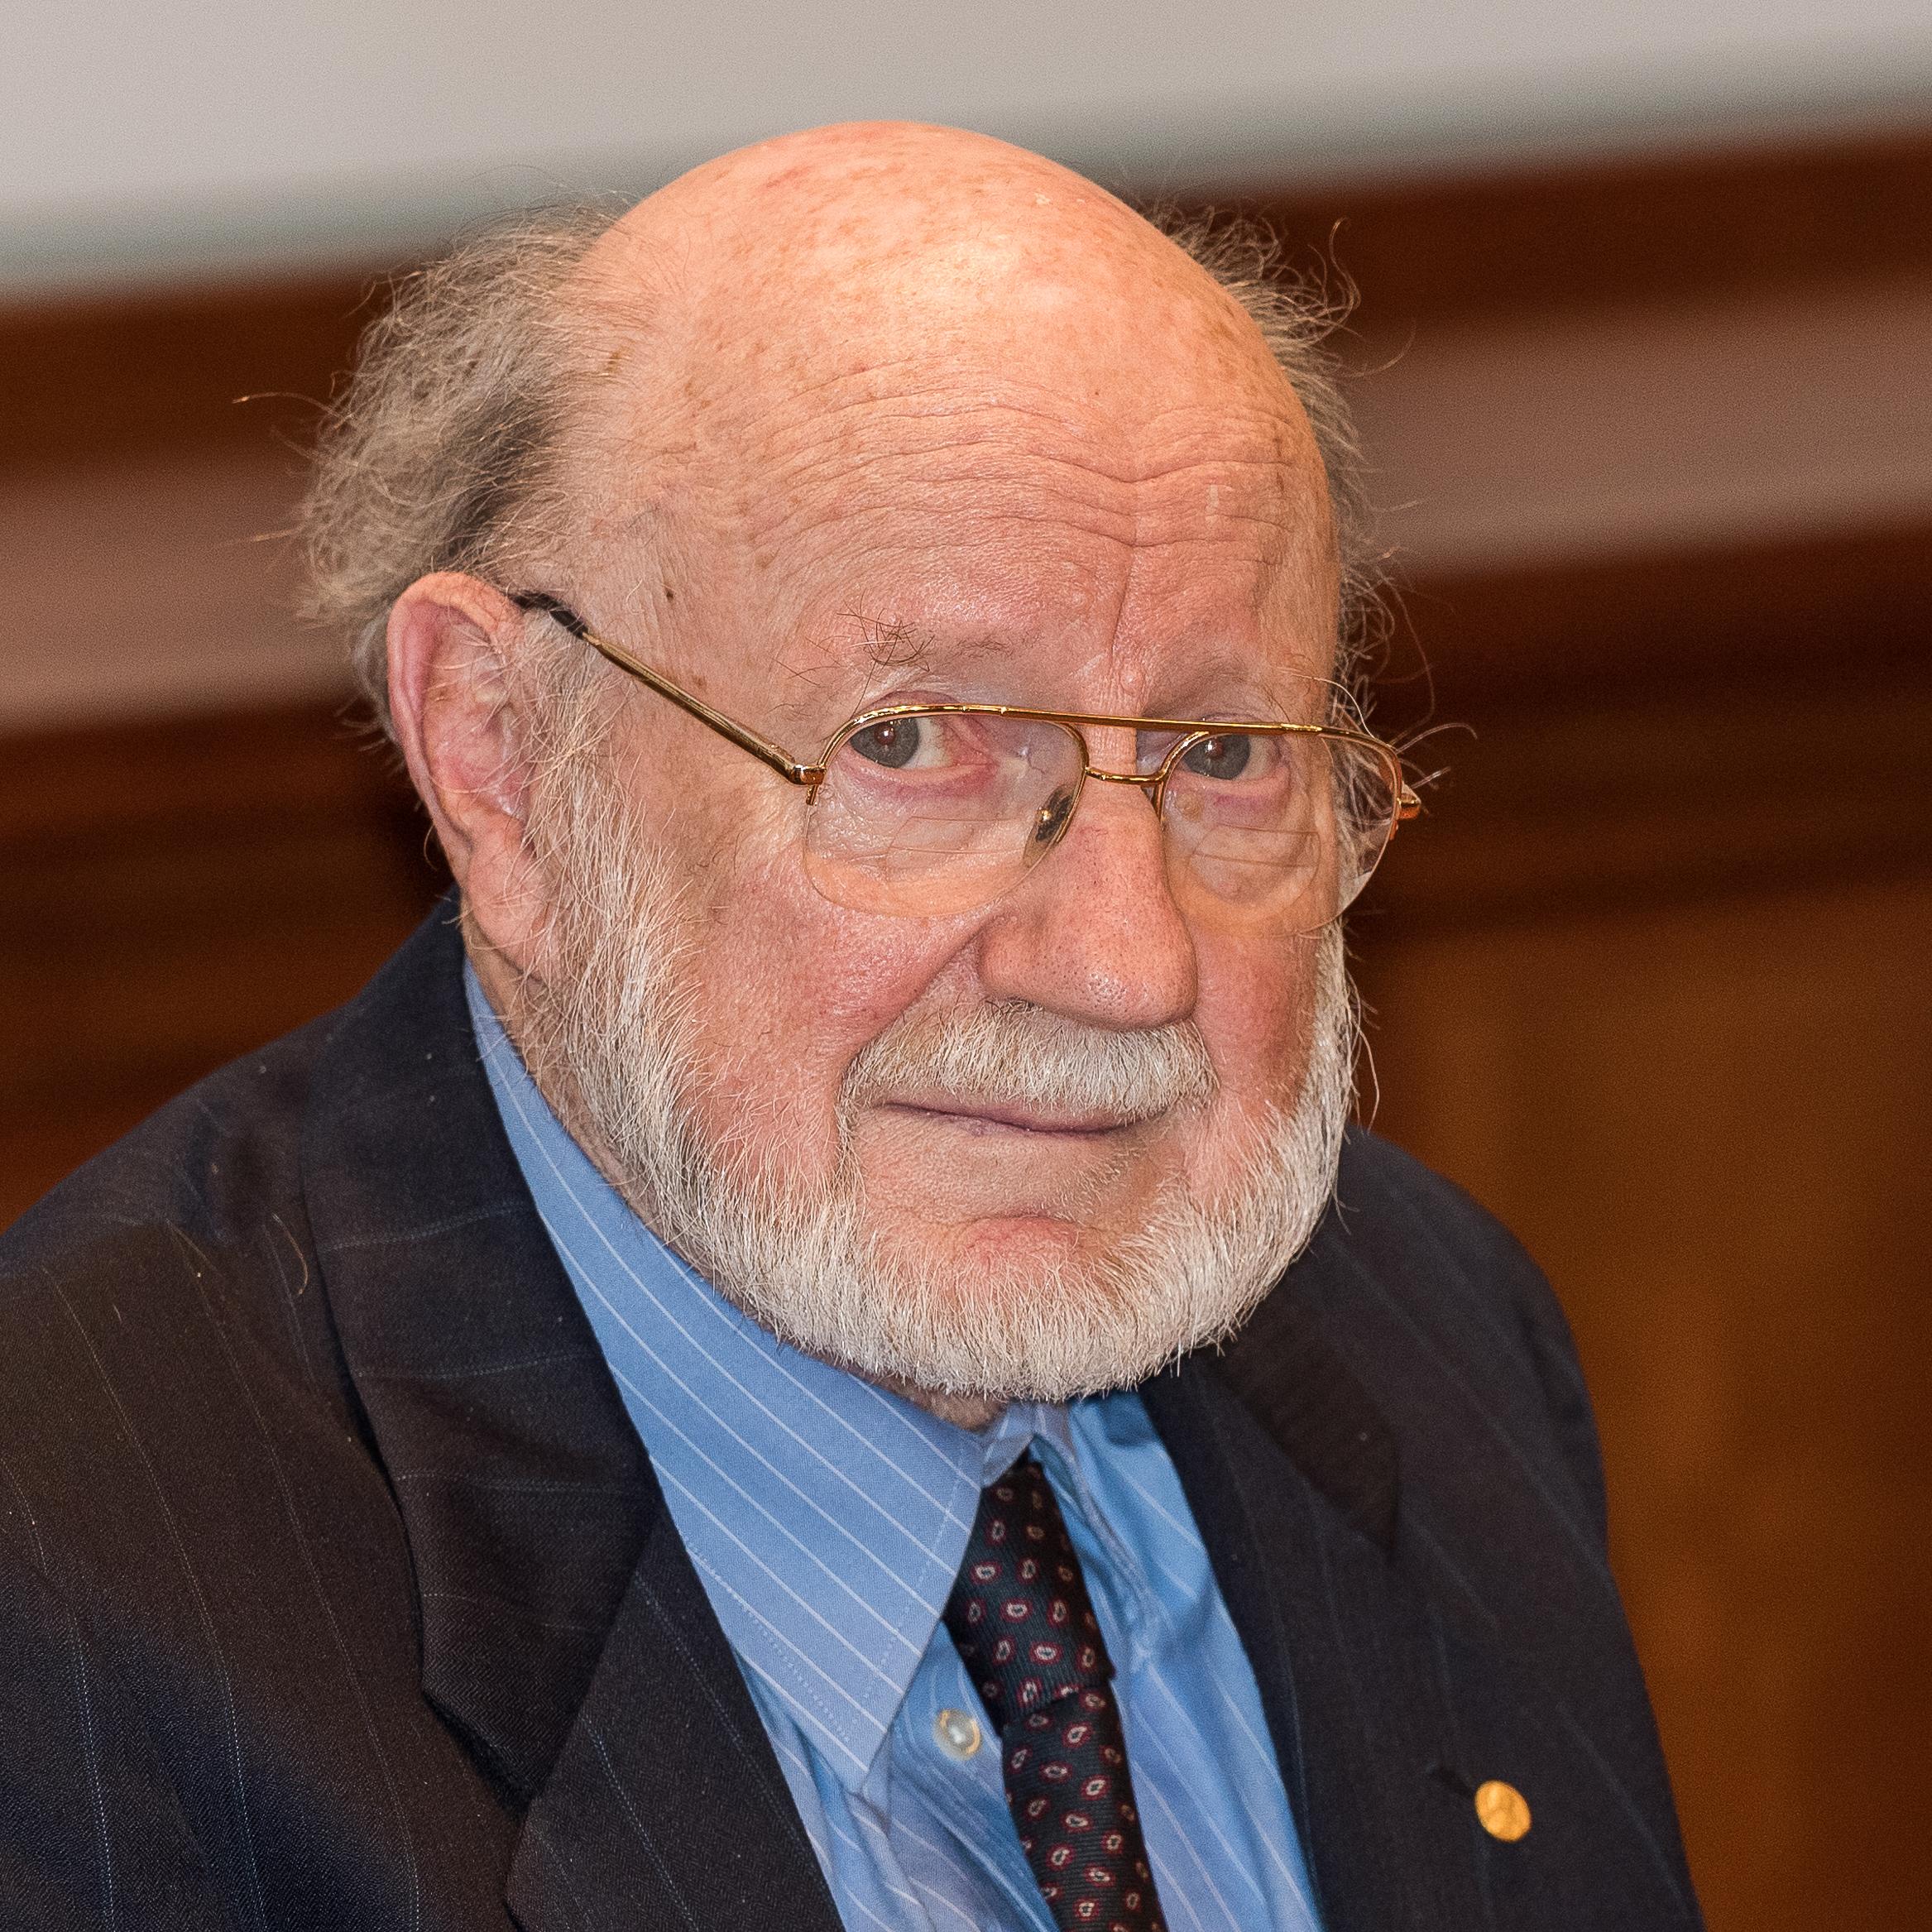 ウィリアム・セシル・キャンベル - Wikipedia